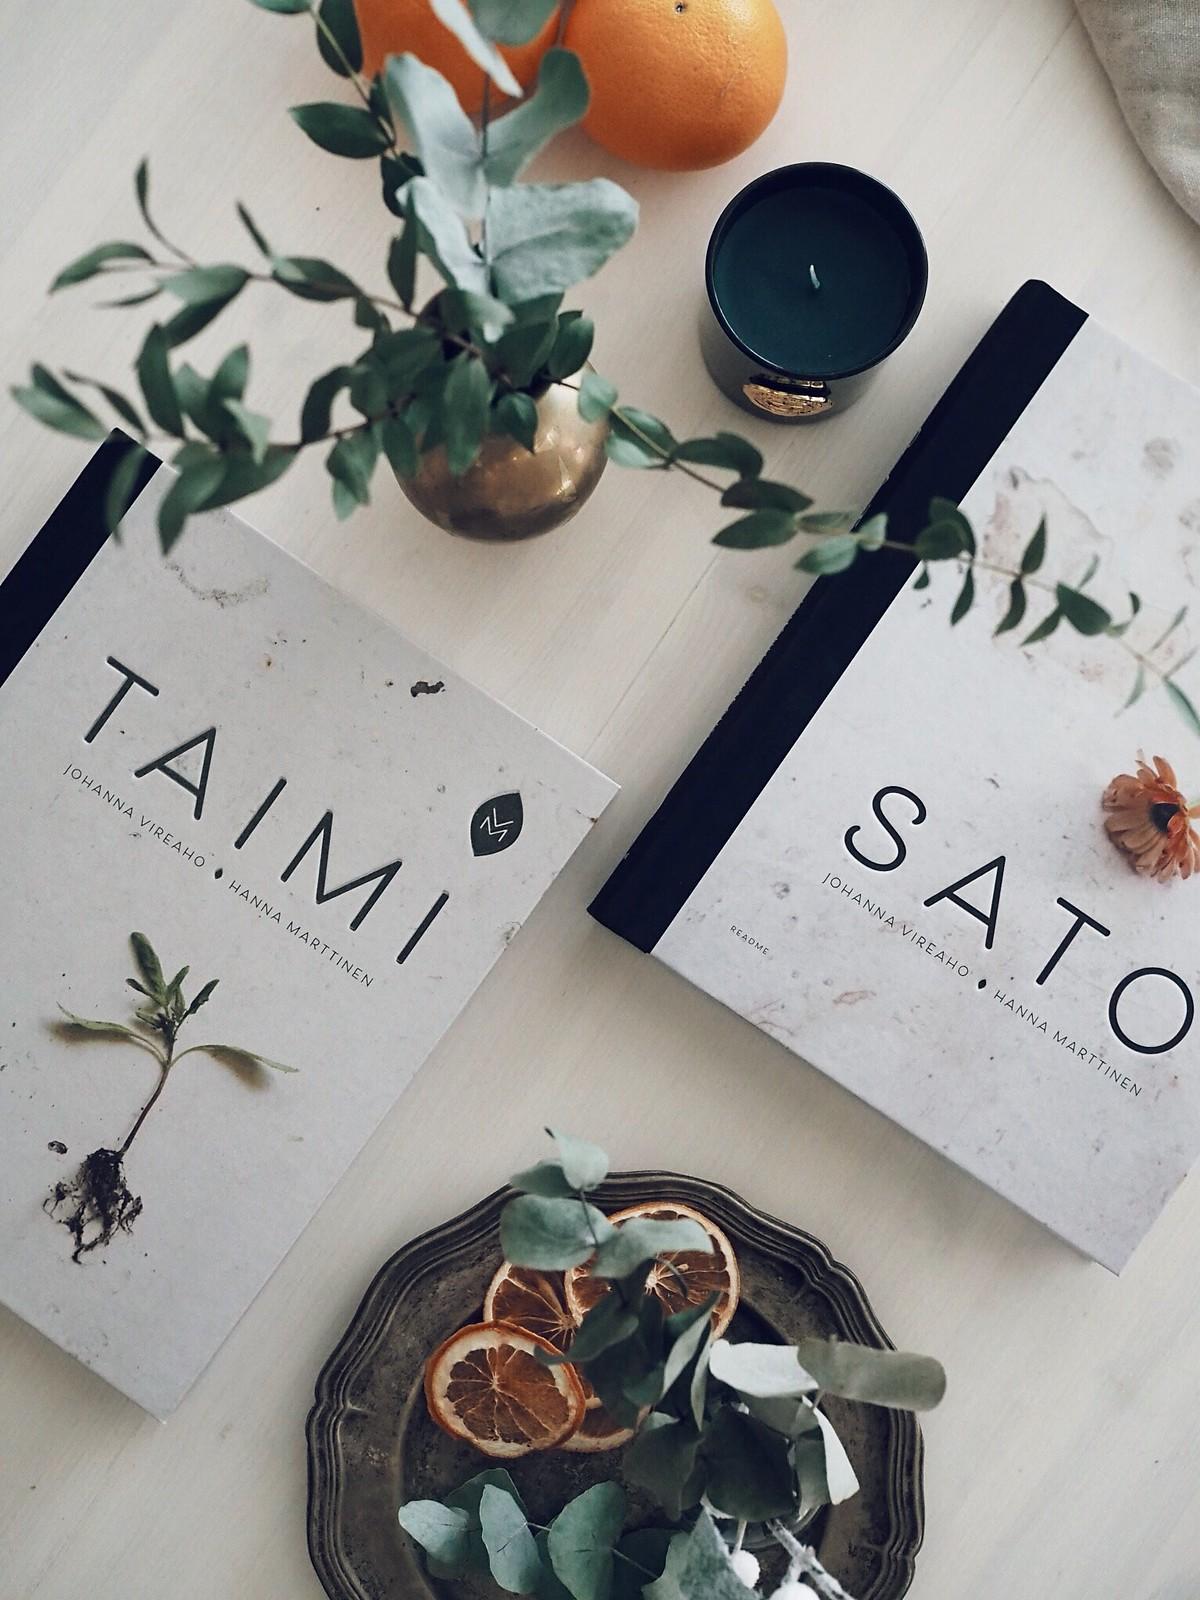 Taimi-Sato-kirjat